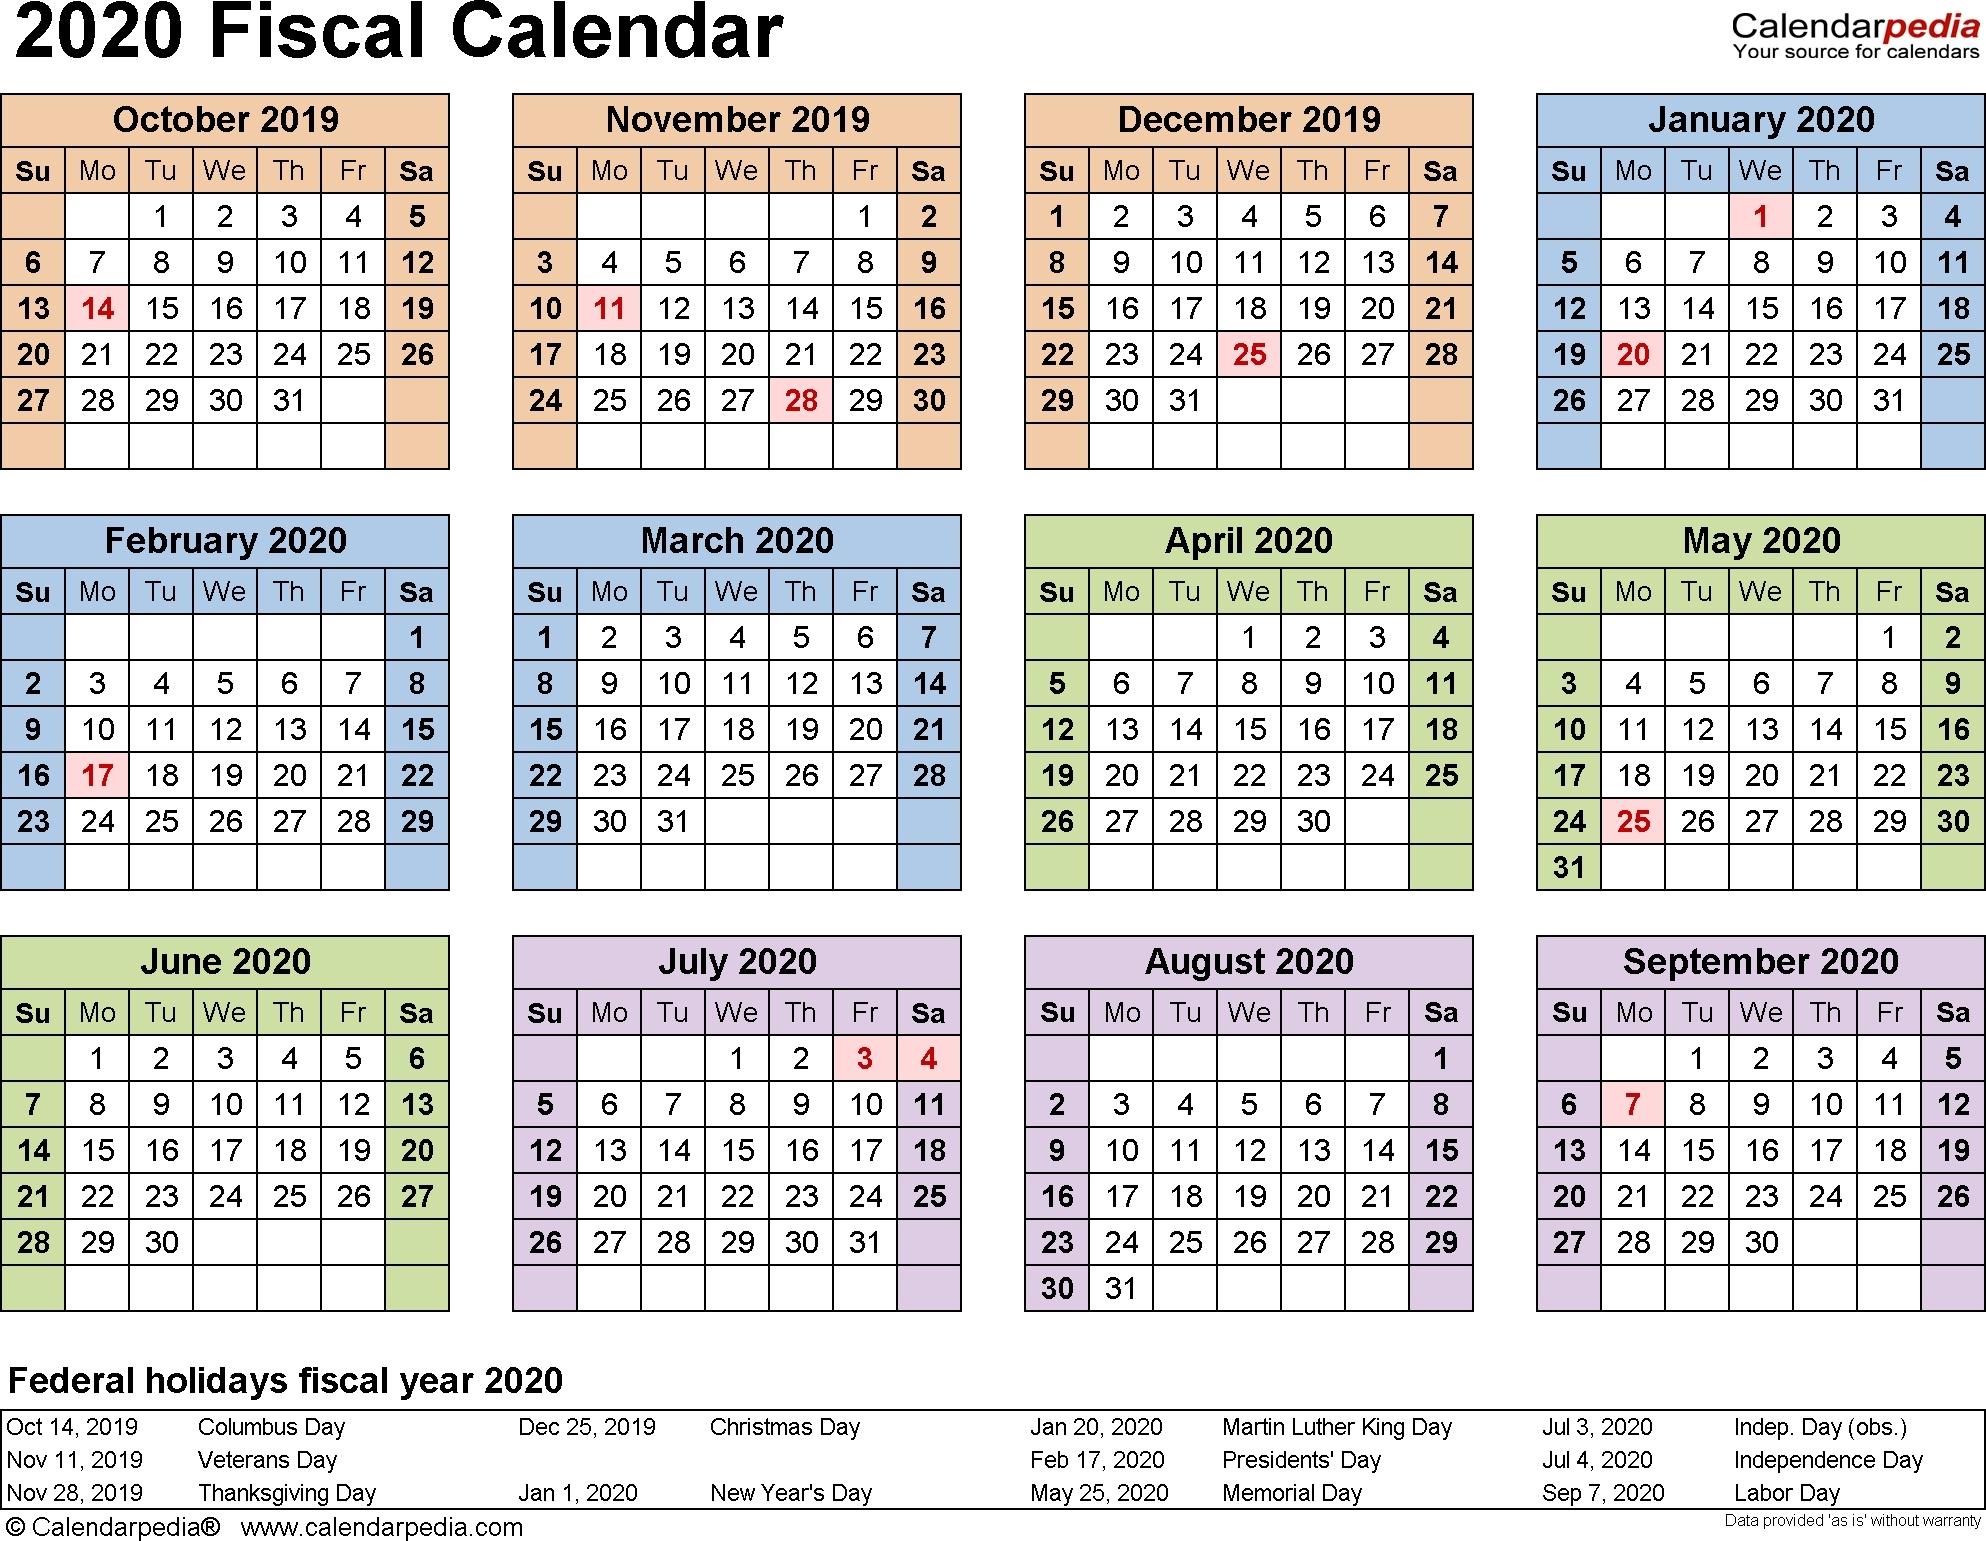 Opm Payroll Calendar For 2020 | Payroll Calendar 2020  Federal Payroll Calendar 2020 Opm